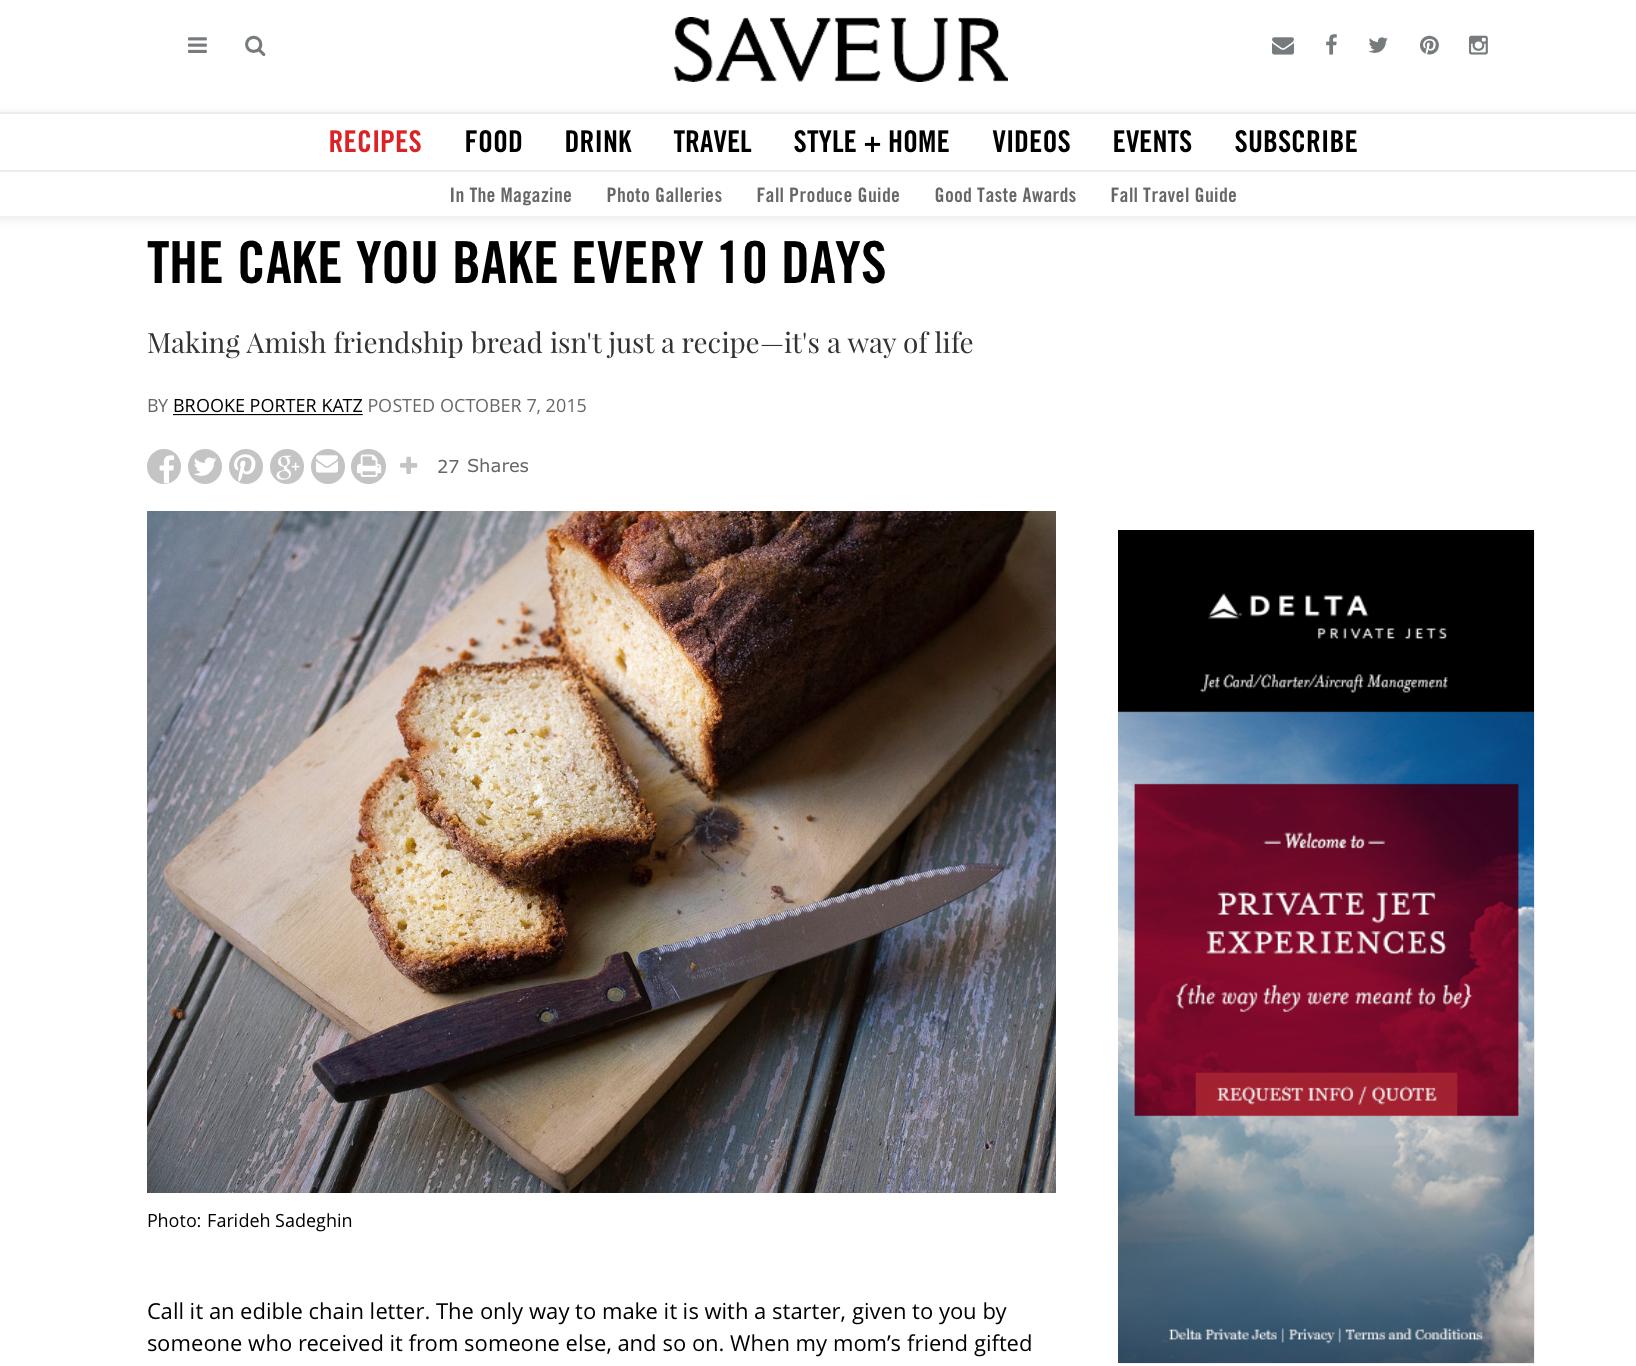 Friendship Bread Kitchen in Saveur!   https://www.friendshipbreadkitchen.com